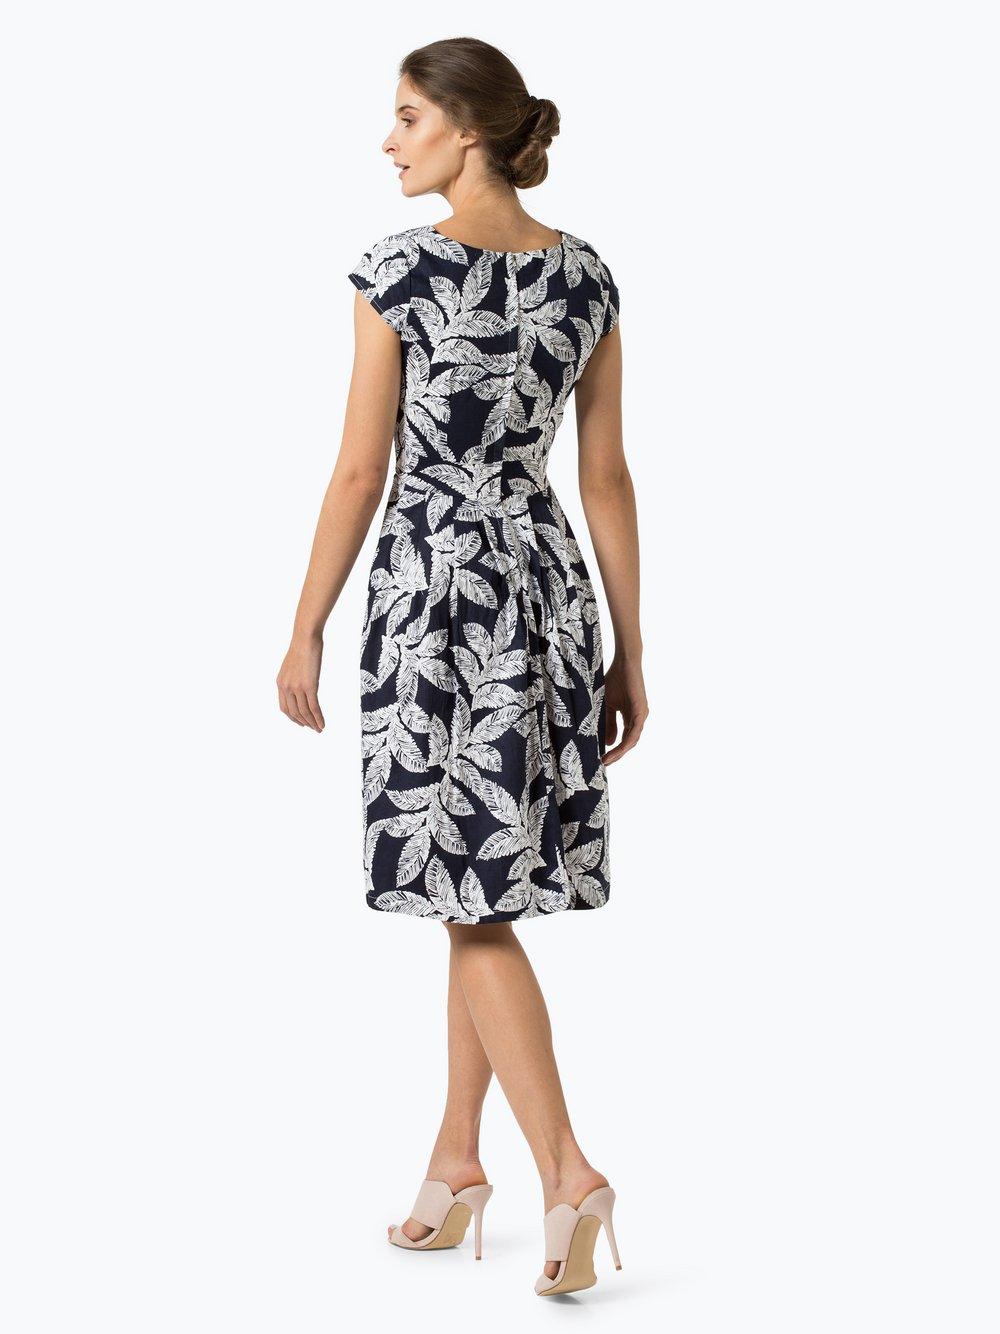 Kavi Damen Kleid marine weiß bedruckt online kaufen | PEEK-UND ...